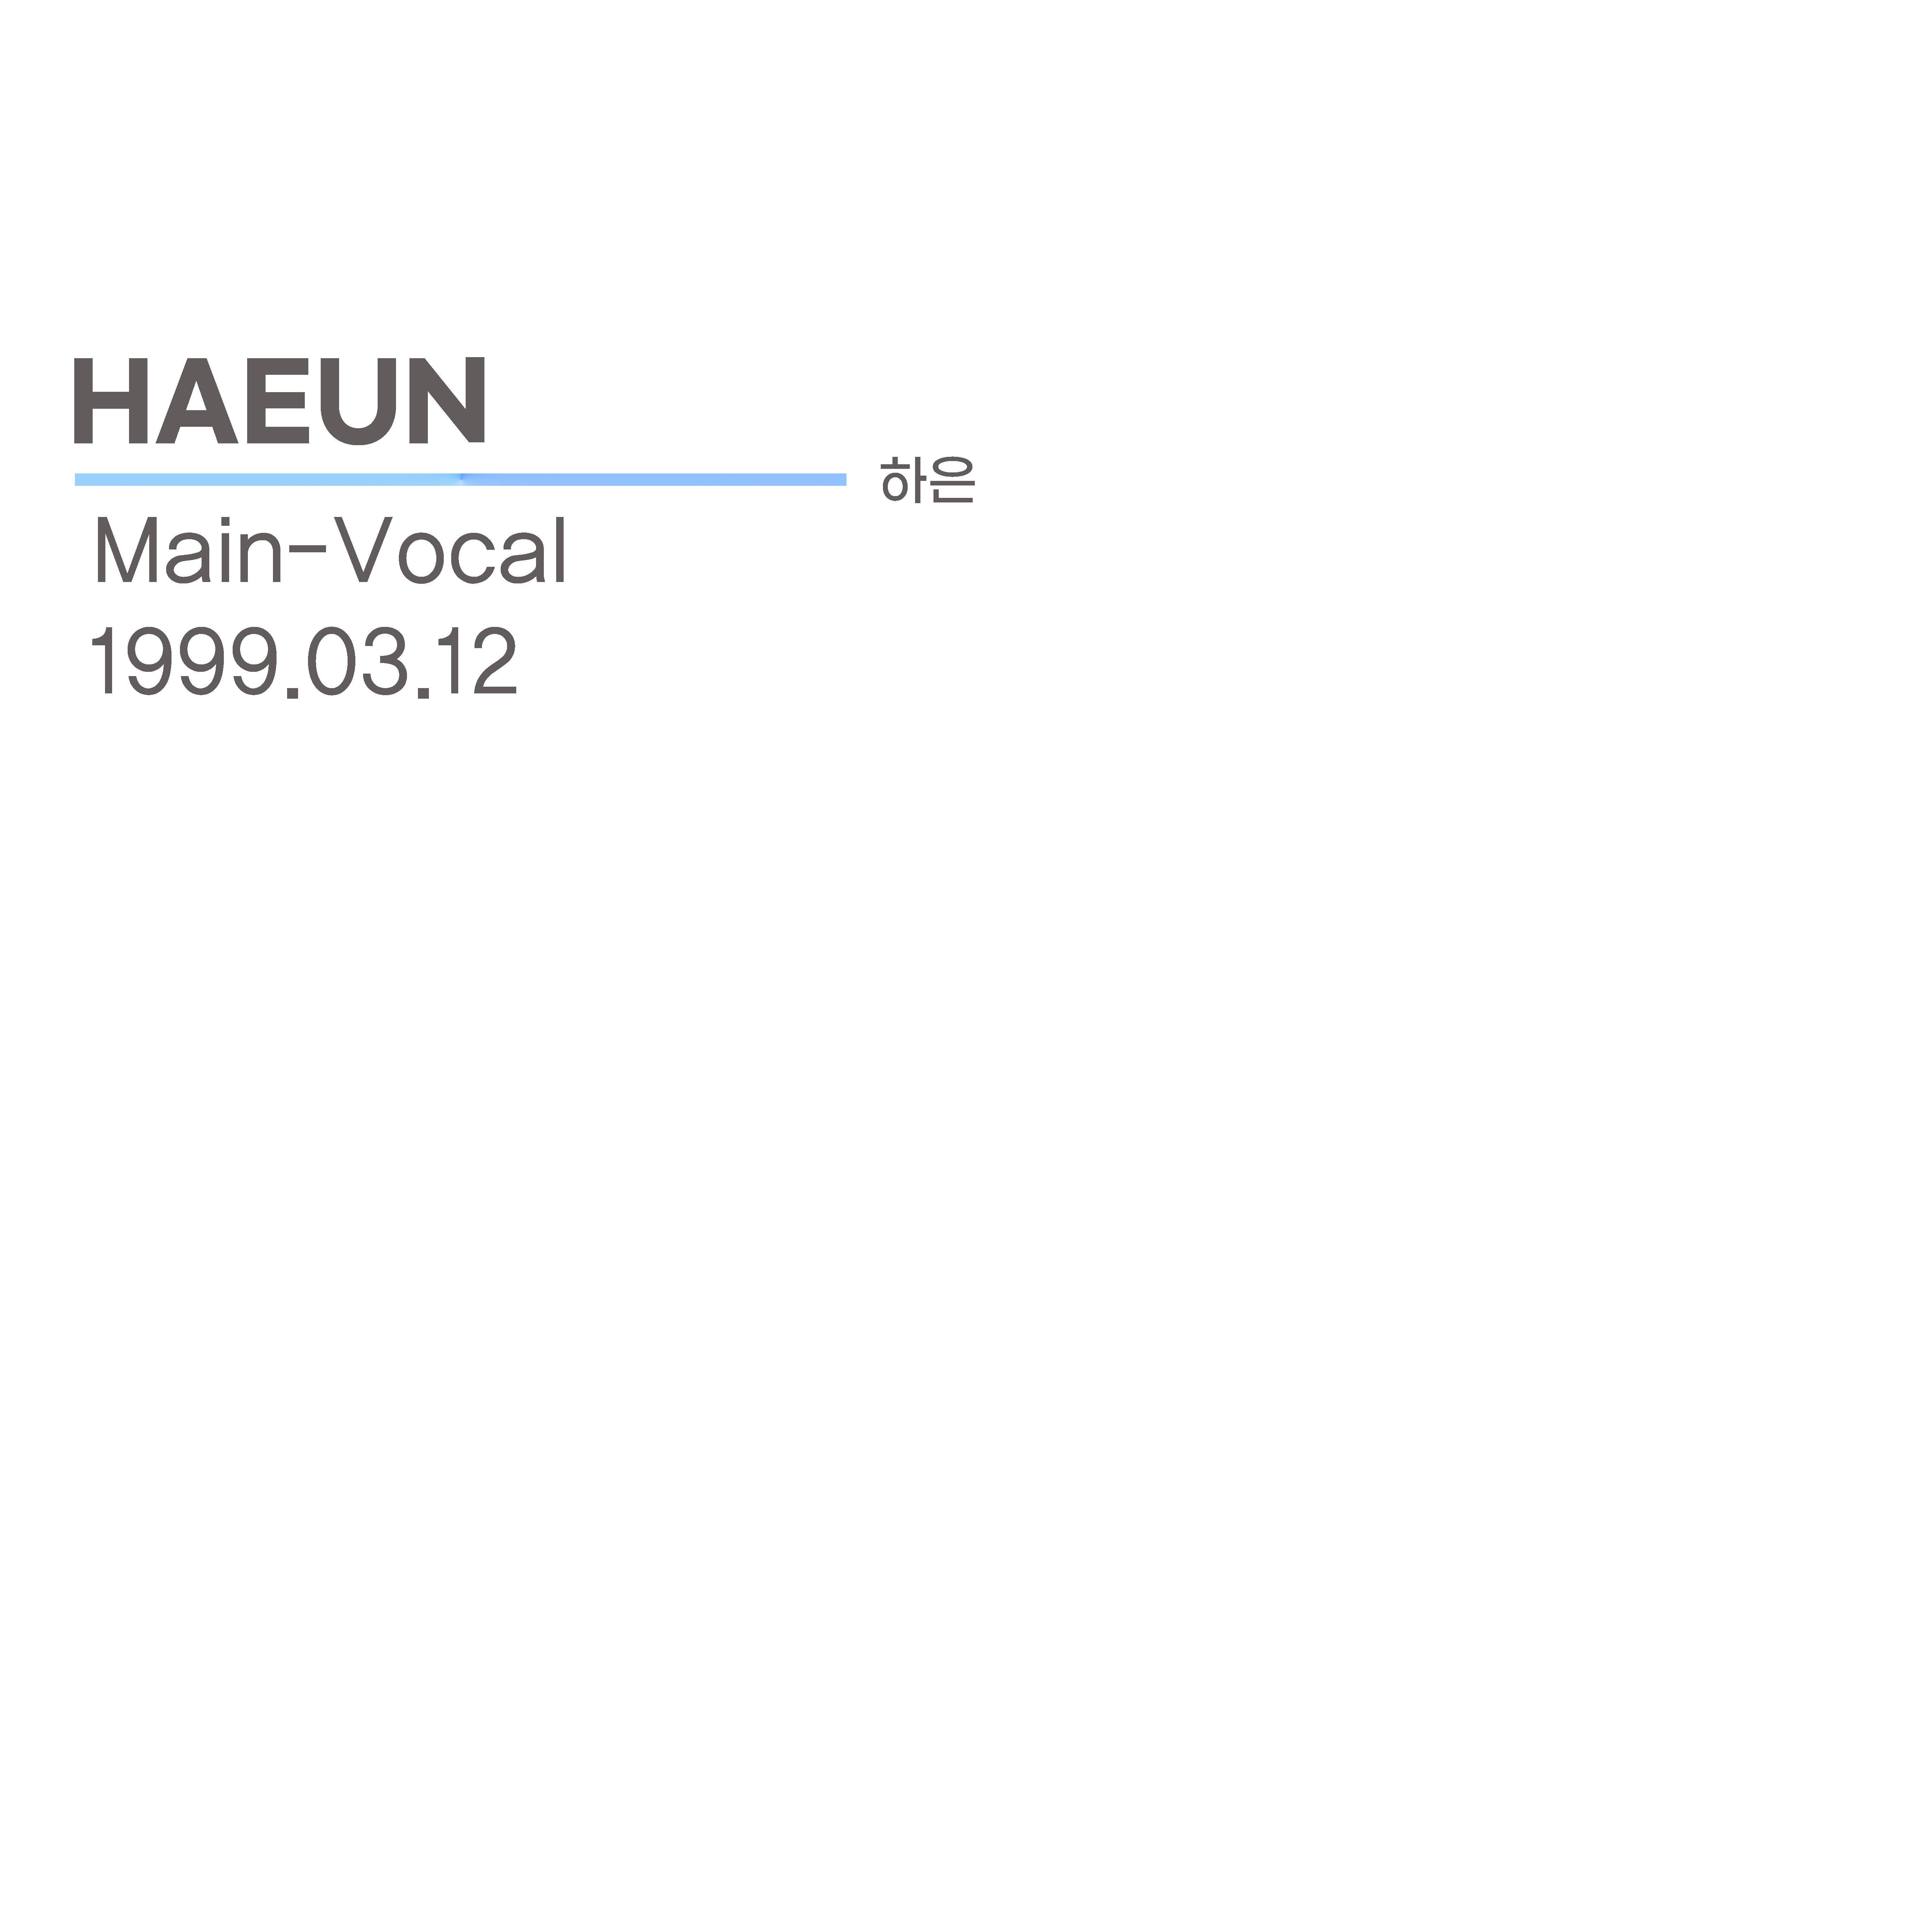 HAEUN-PROFILE